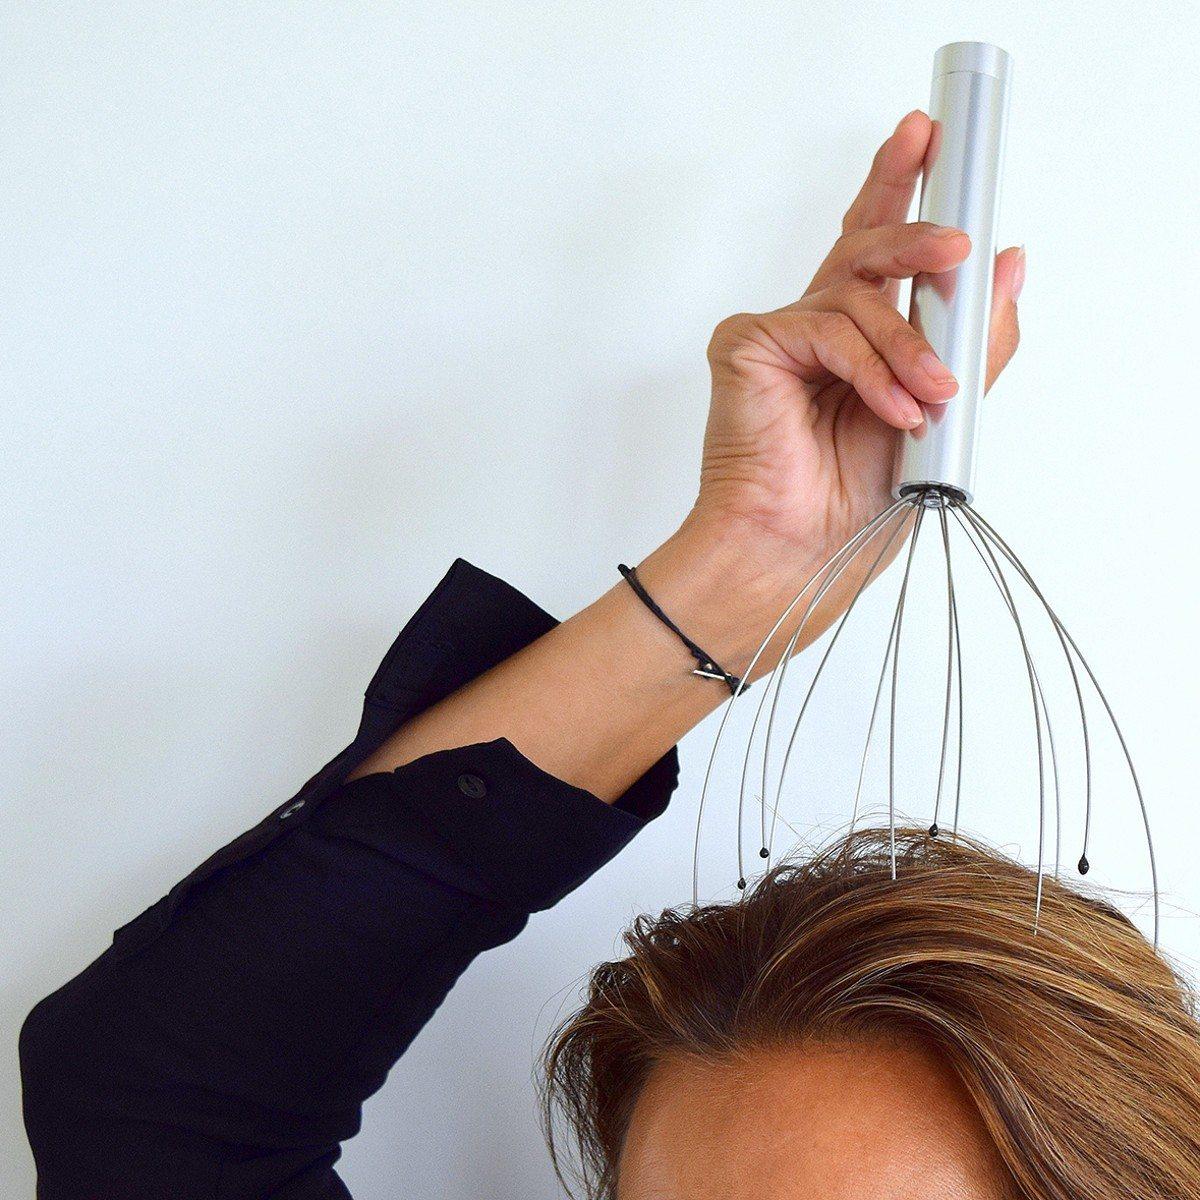 Elektrisk hovedbundsmassage